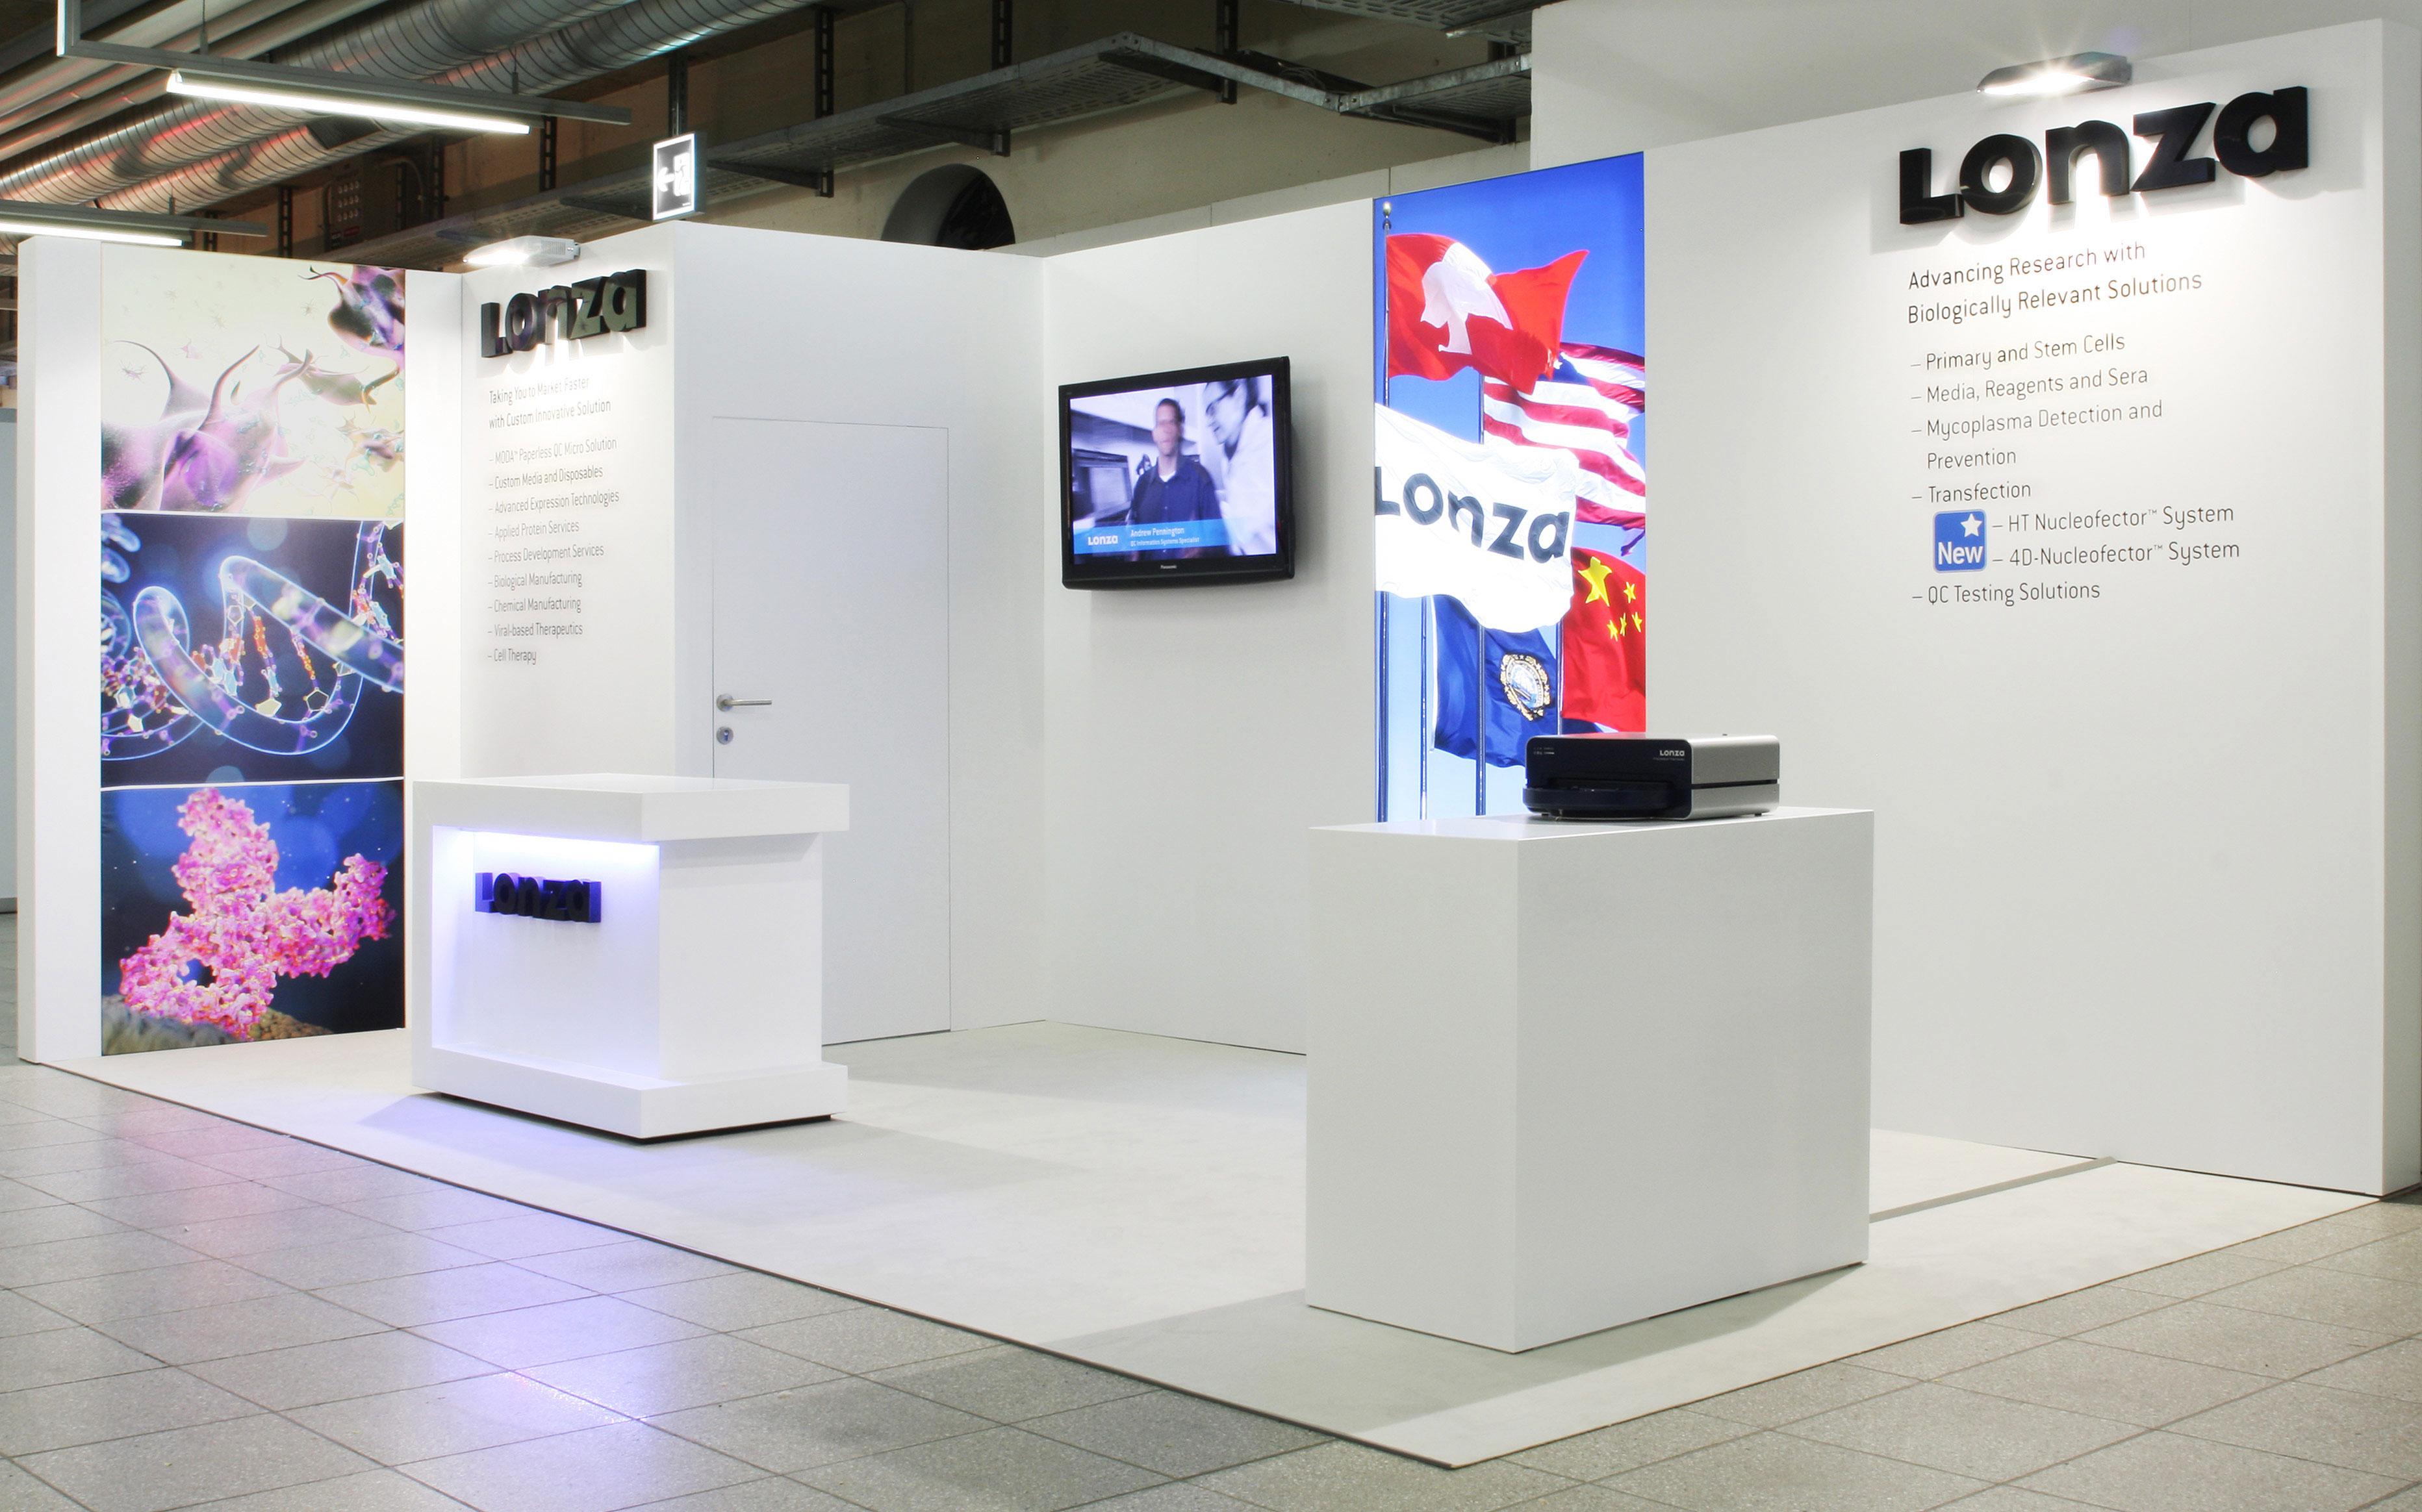 Lonza, group - Wikipedia